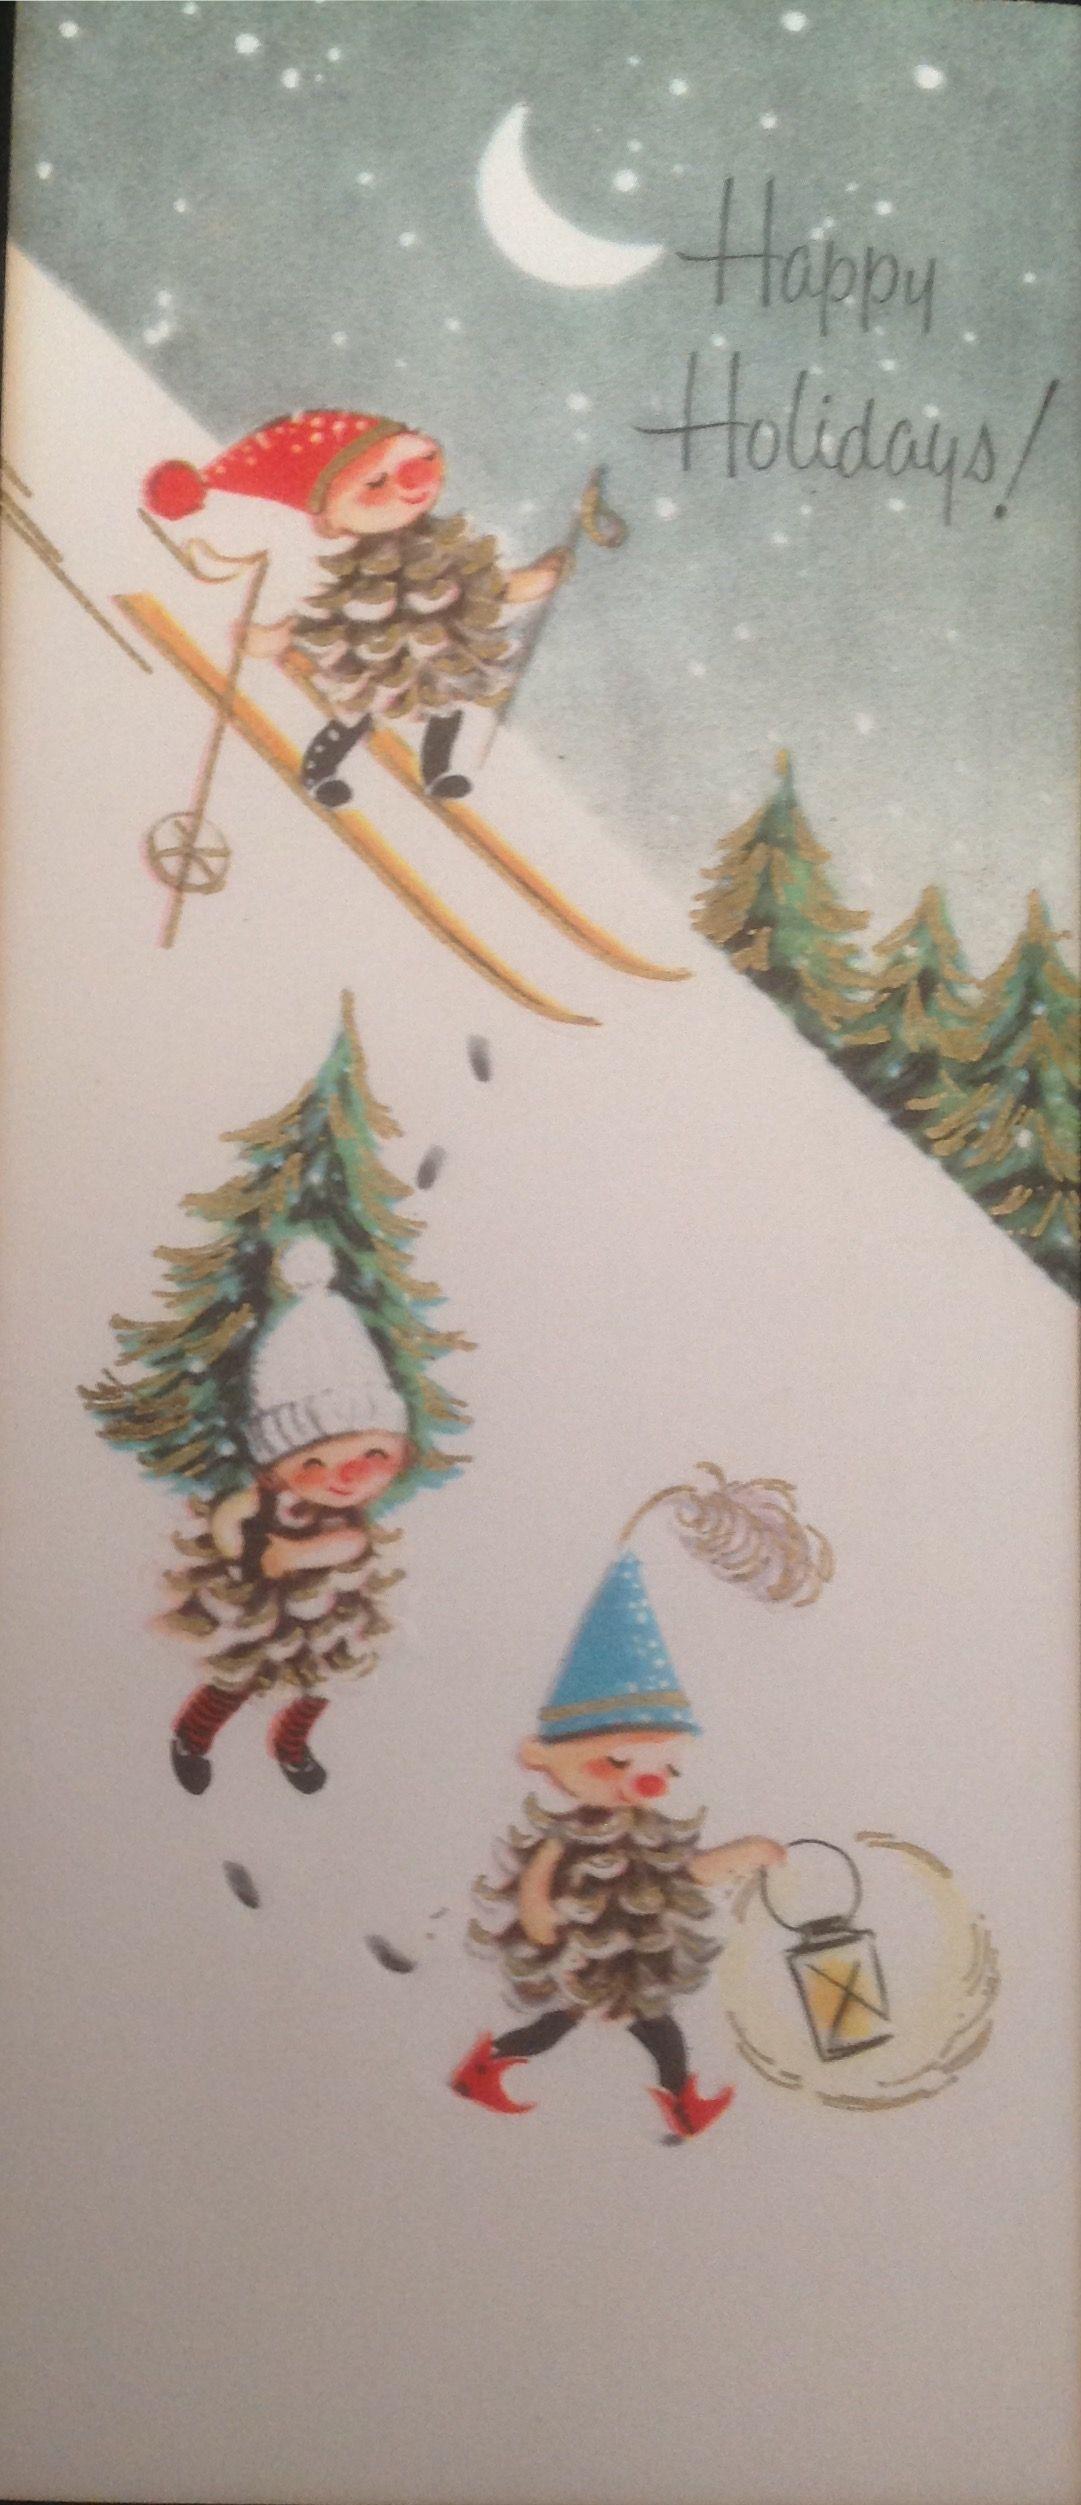 Pin Von Grace Michelbrink Auf Christmas Crafts Weihnachten Nostalgie Weihnachtsbilder Weihnachtsgrusse